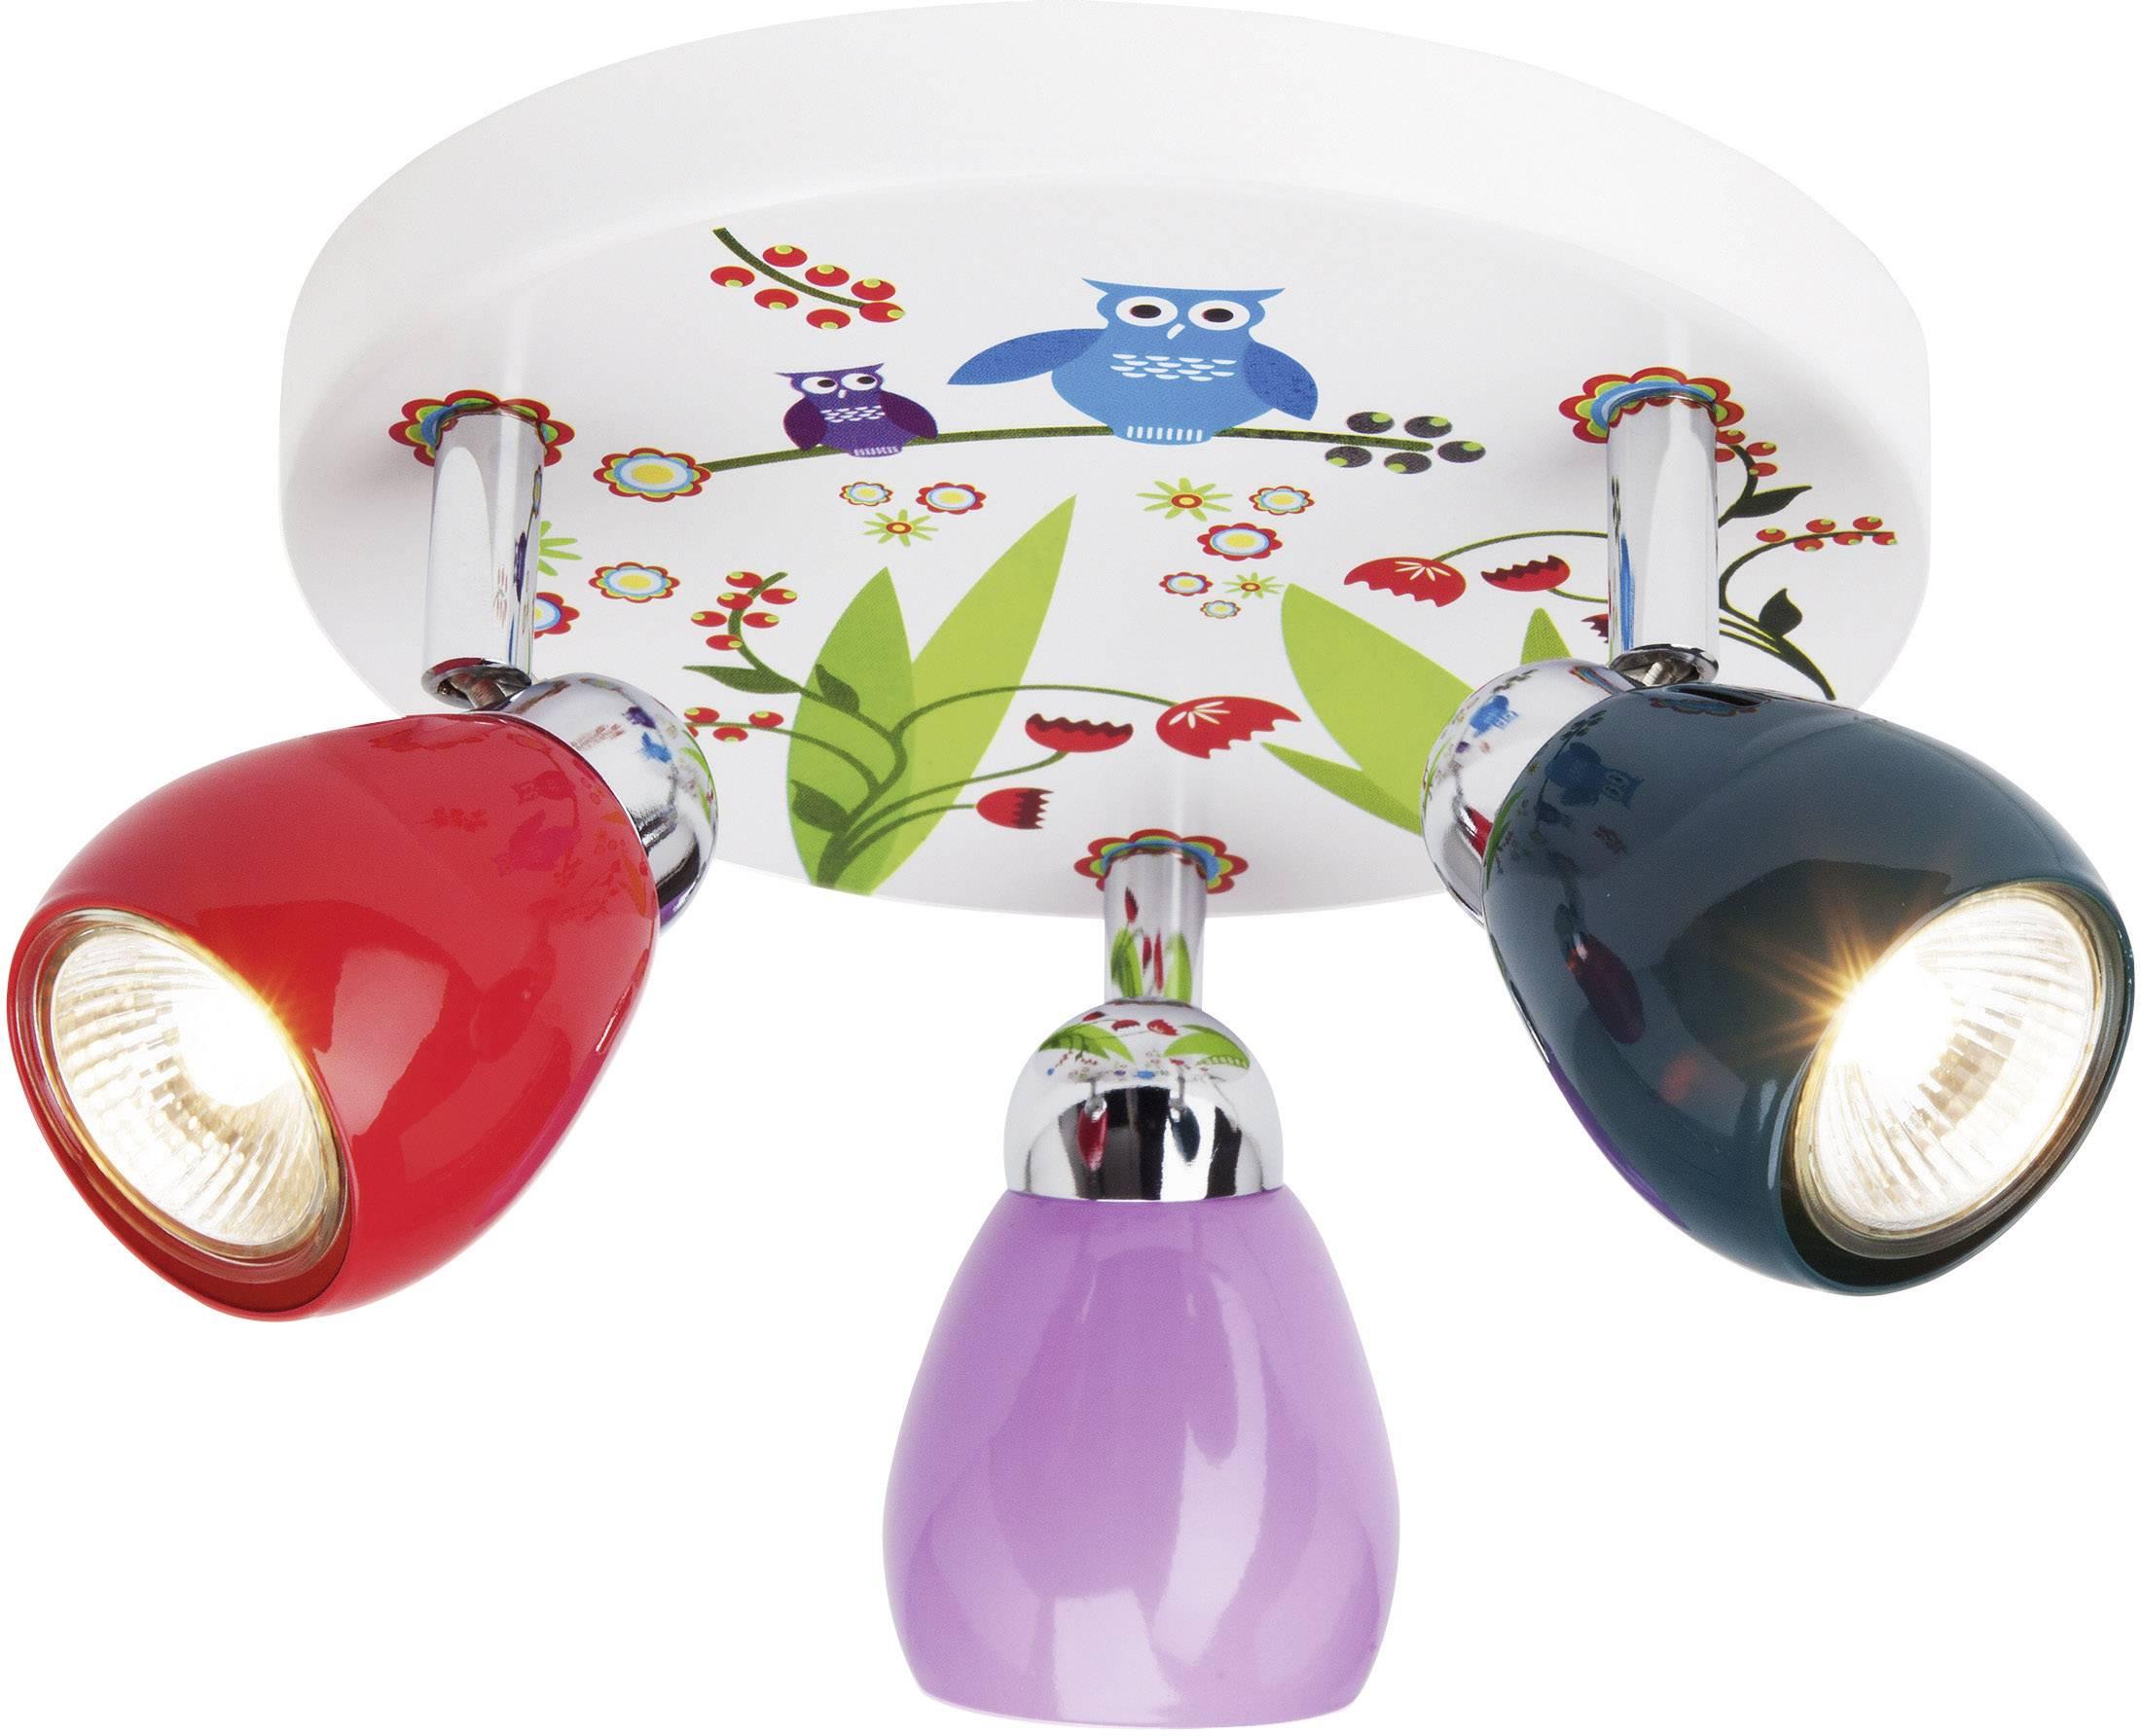 Stropní svítidlo sovy Brilliant Ptice G56034/72, GU10, 150 W, halogenová žárovka, barevná